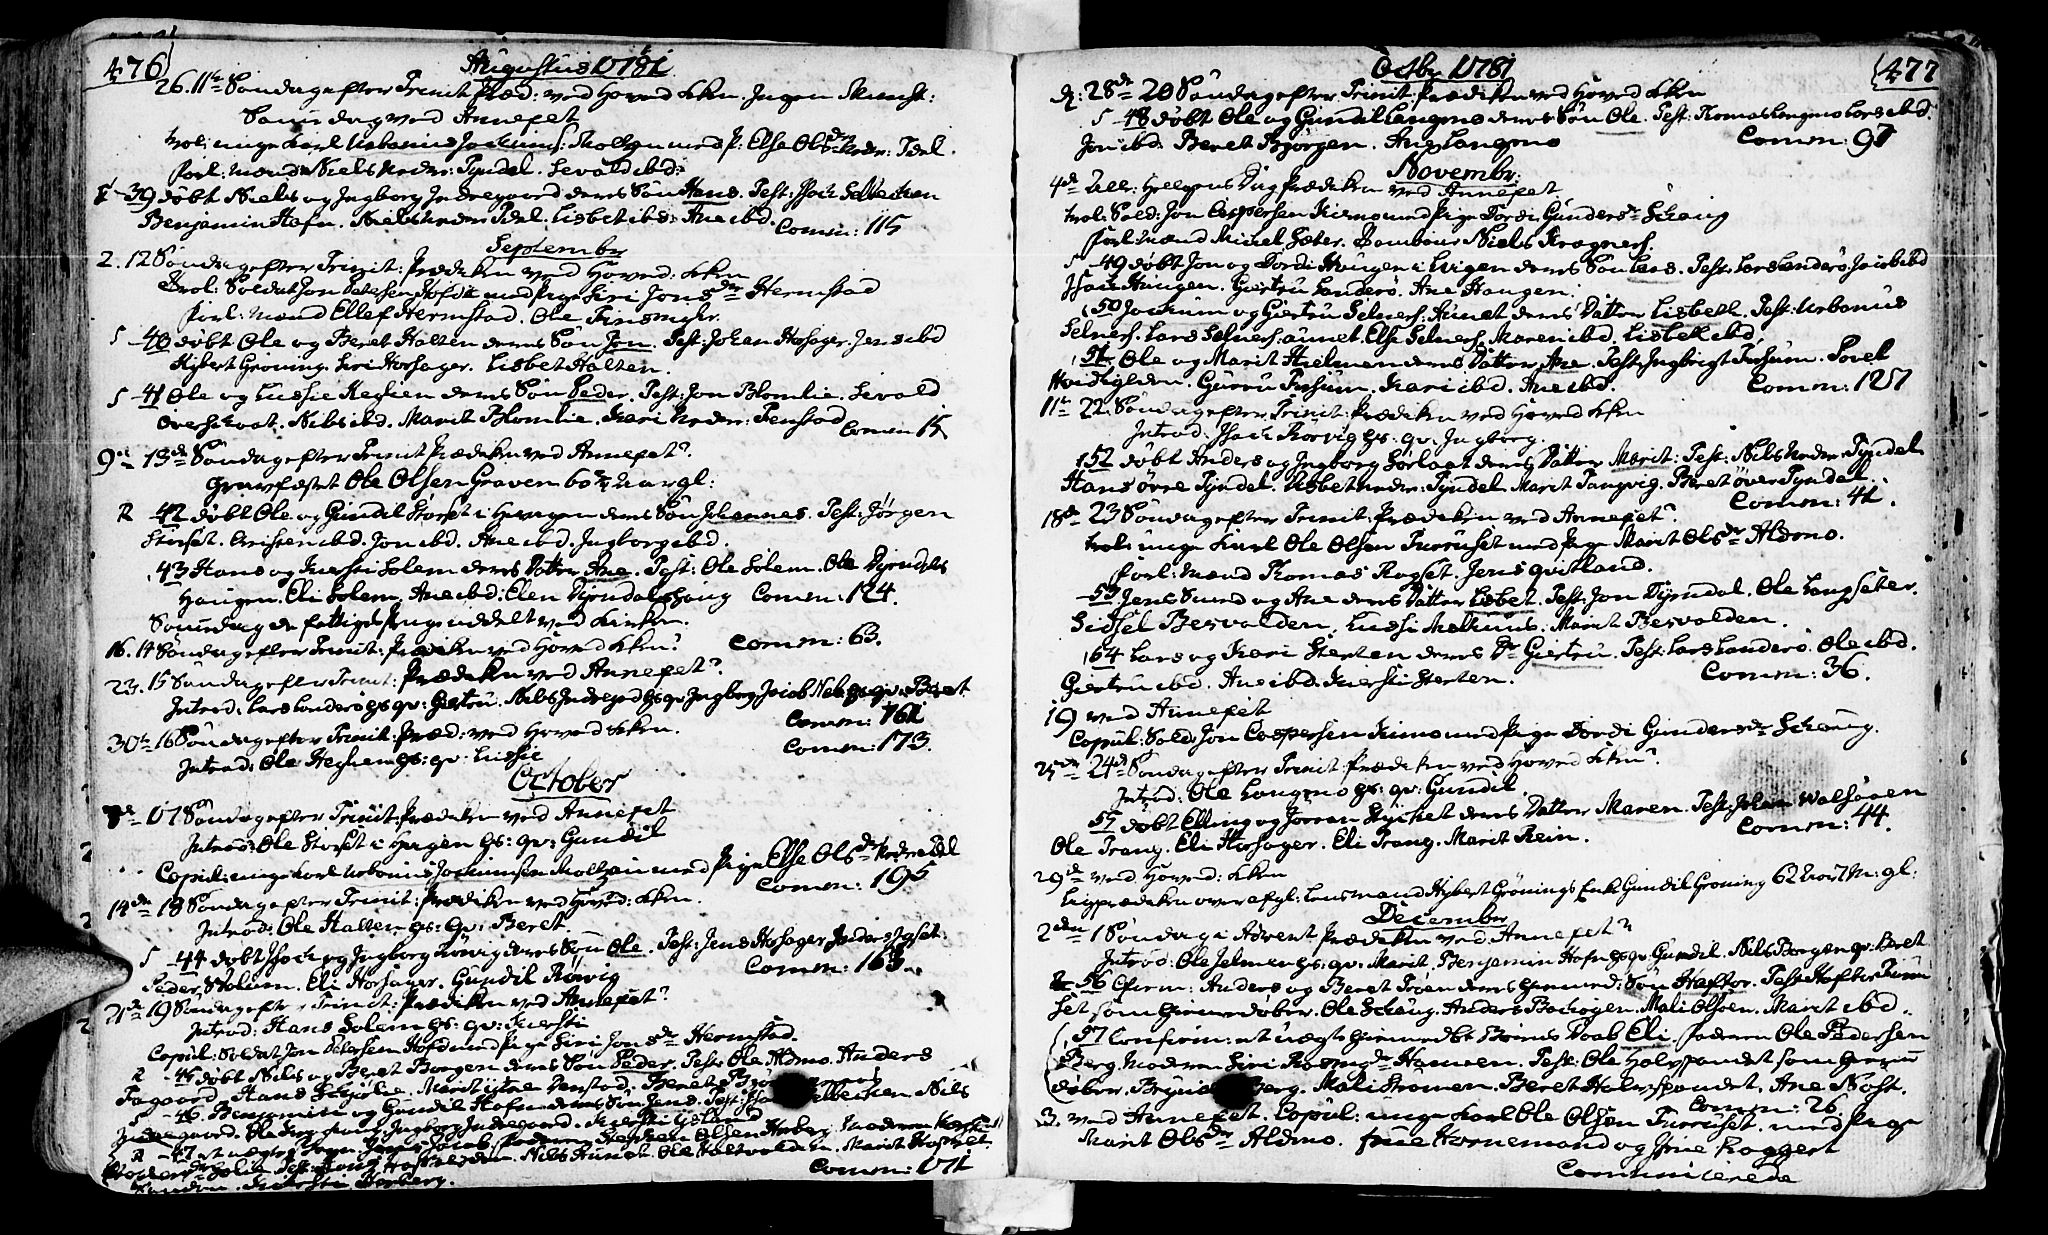 SAT, Ministerialprotokoller, klokkerbøker og fødselsregistre - Sør-Trøndelag, 646/L0605: Ministerialbok nr. 646A03, 1751-1790, s. 476-477